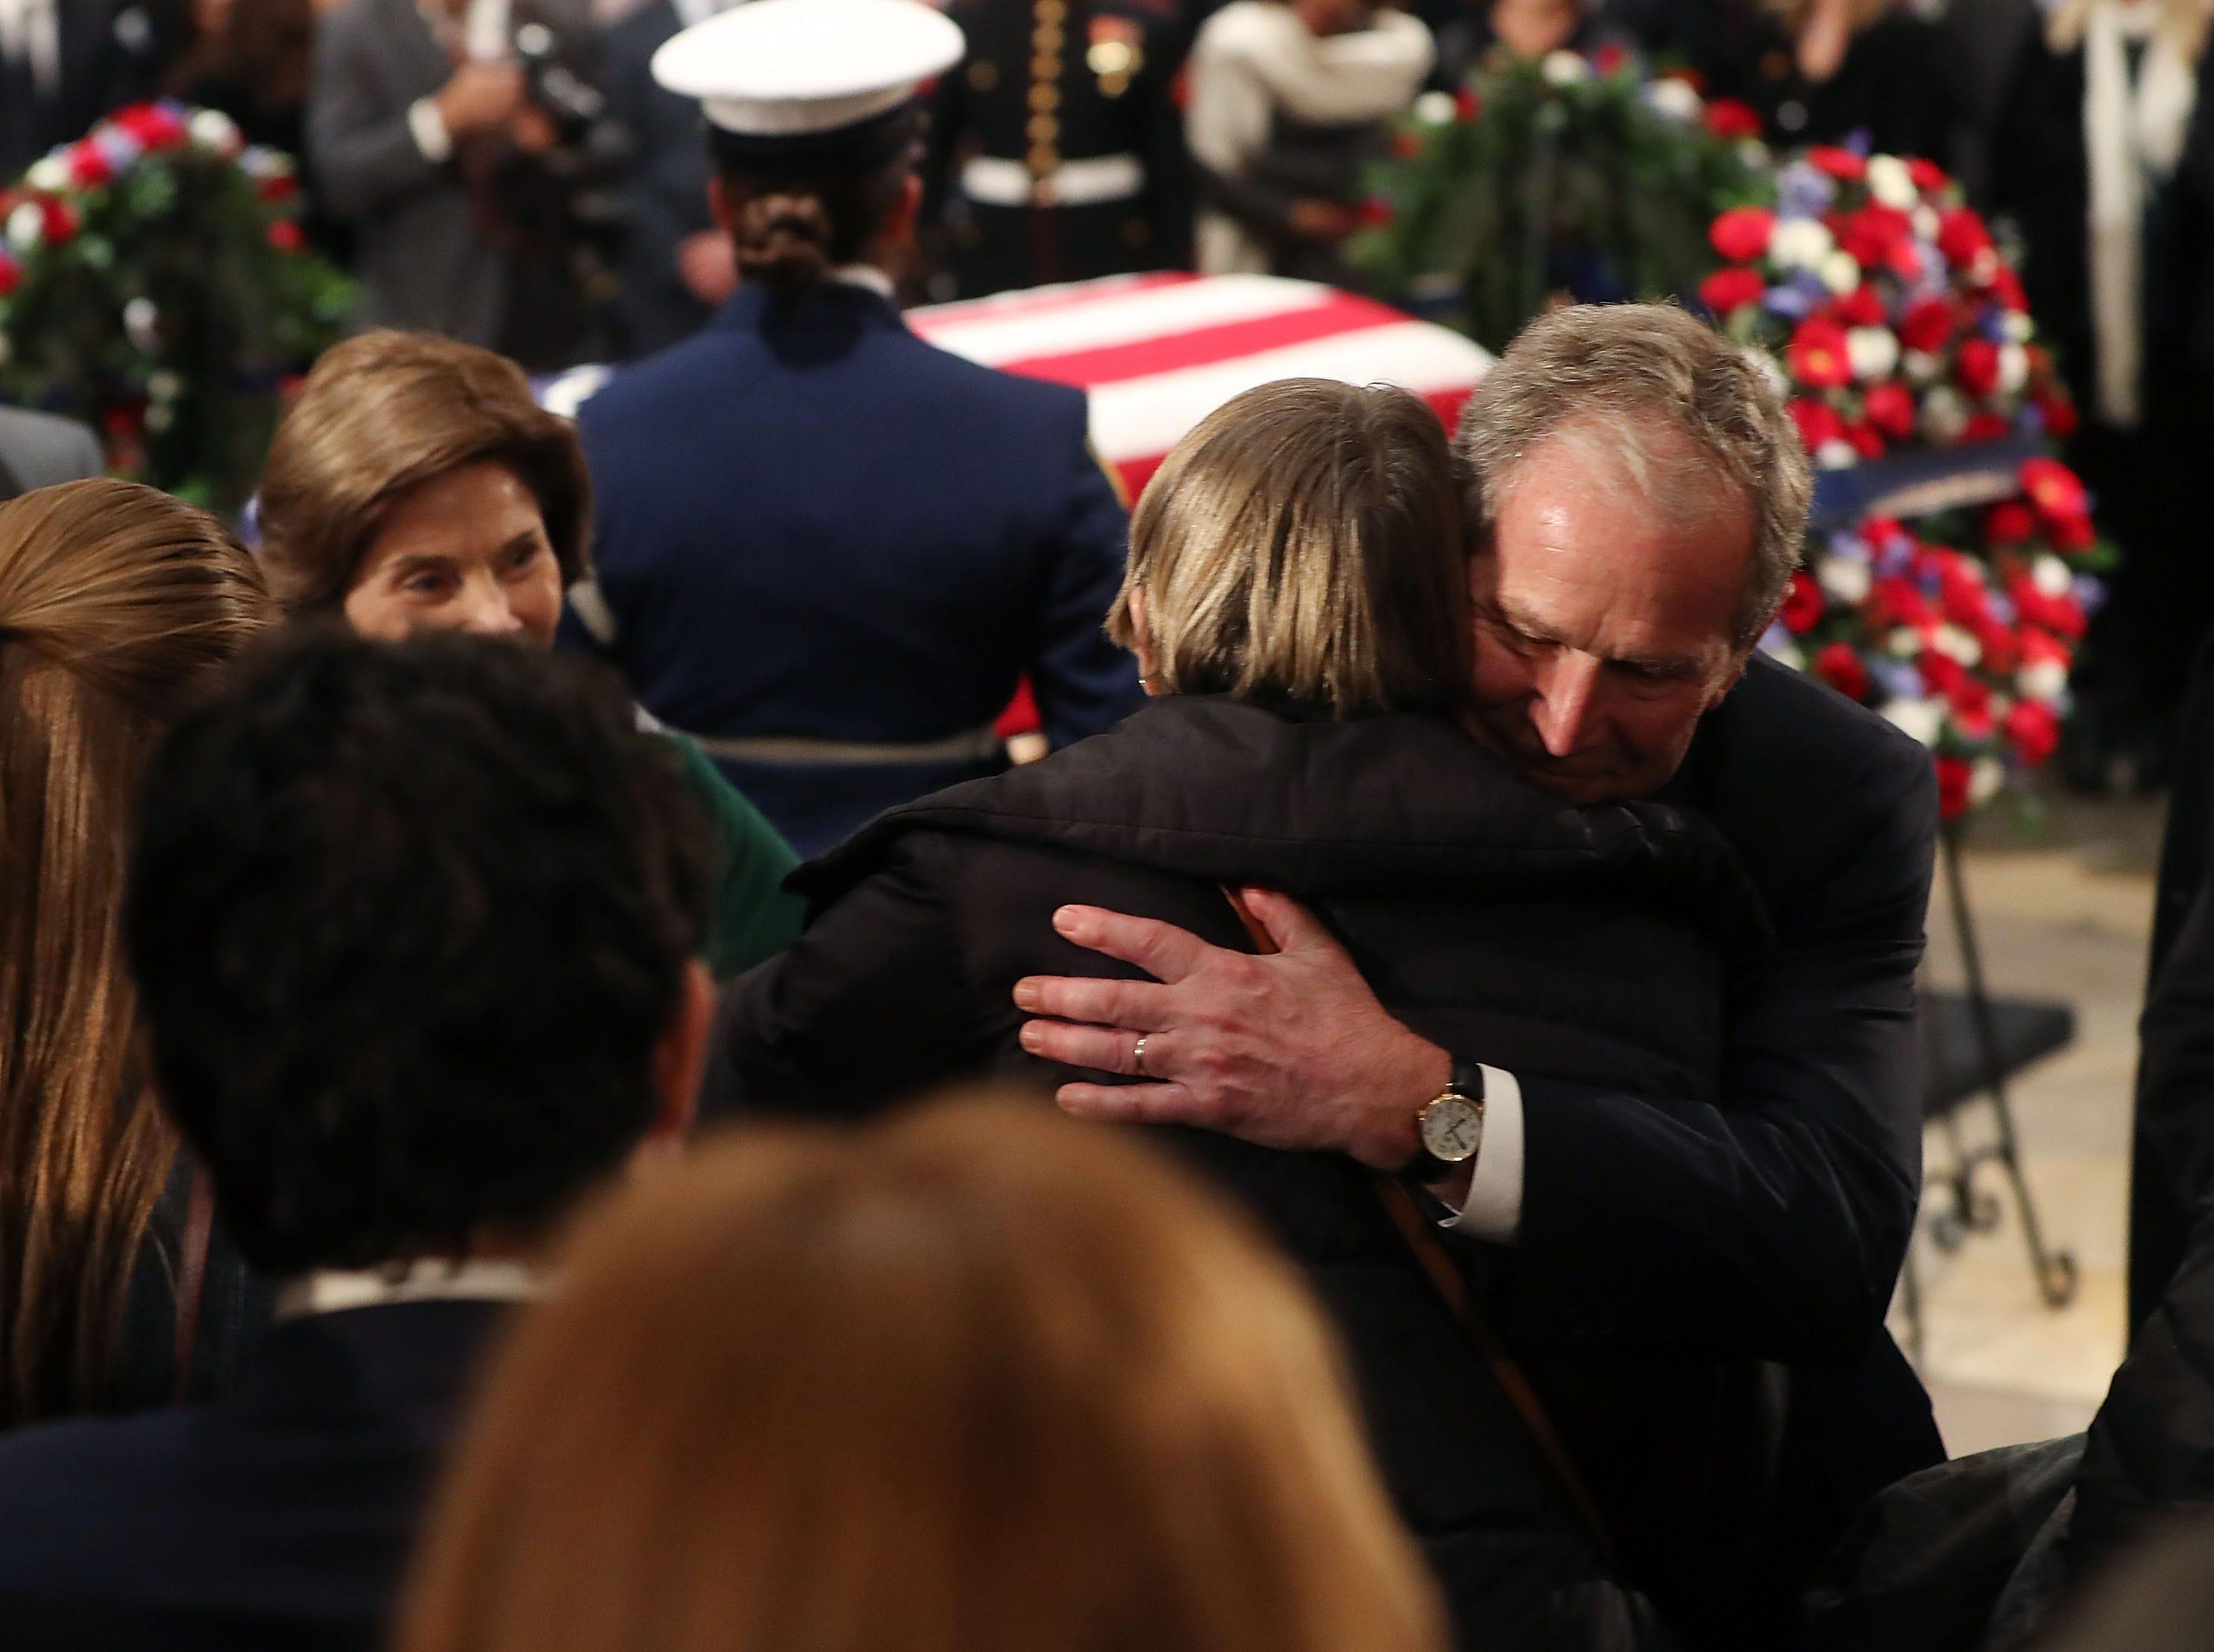 El ex presidente de los Estados Unidos, George W. Bush, y su esposa, Laura Bush, saludan a los asistentes frente al ataúd del fallecido ex presidente George H.W. Bush en la Rotunda del Capitolio de los Estados Unidos, el 4 de diciembre de 2018 en Washington, DC.